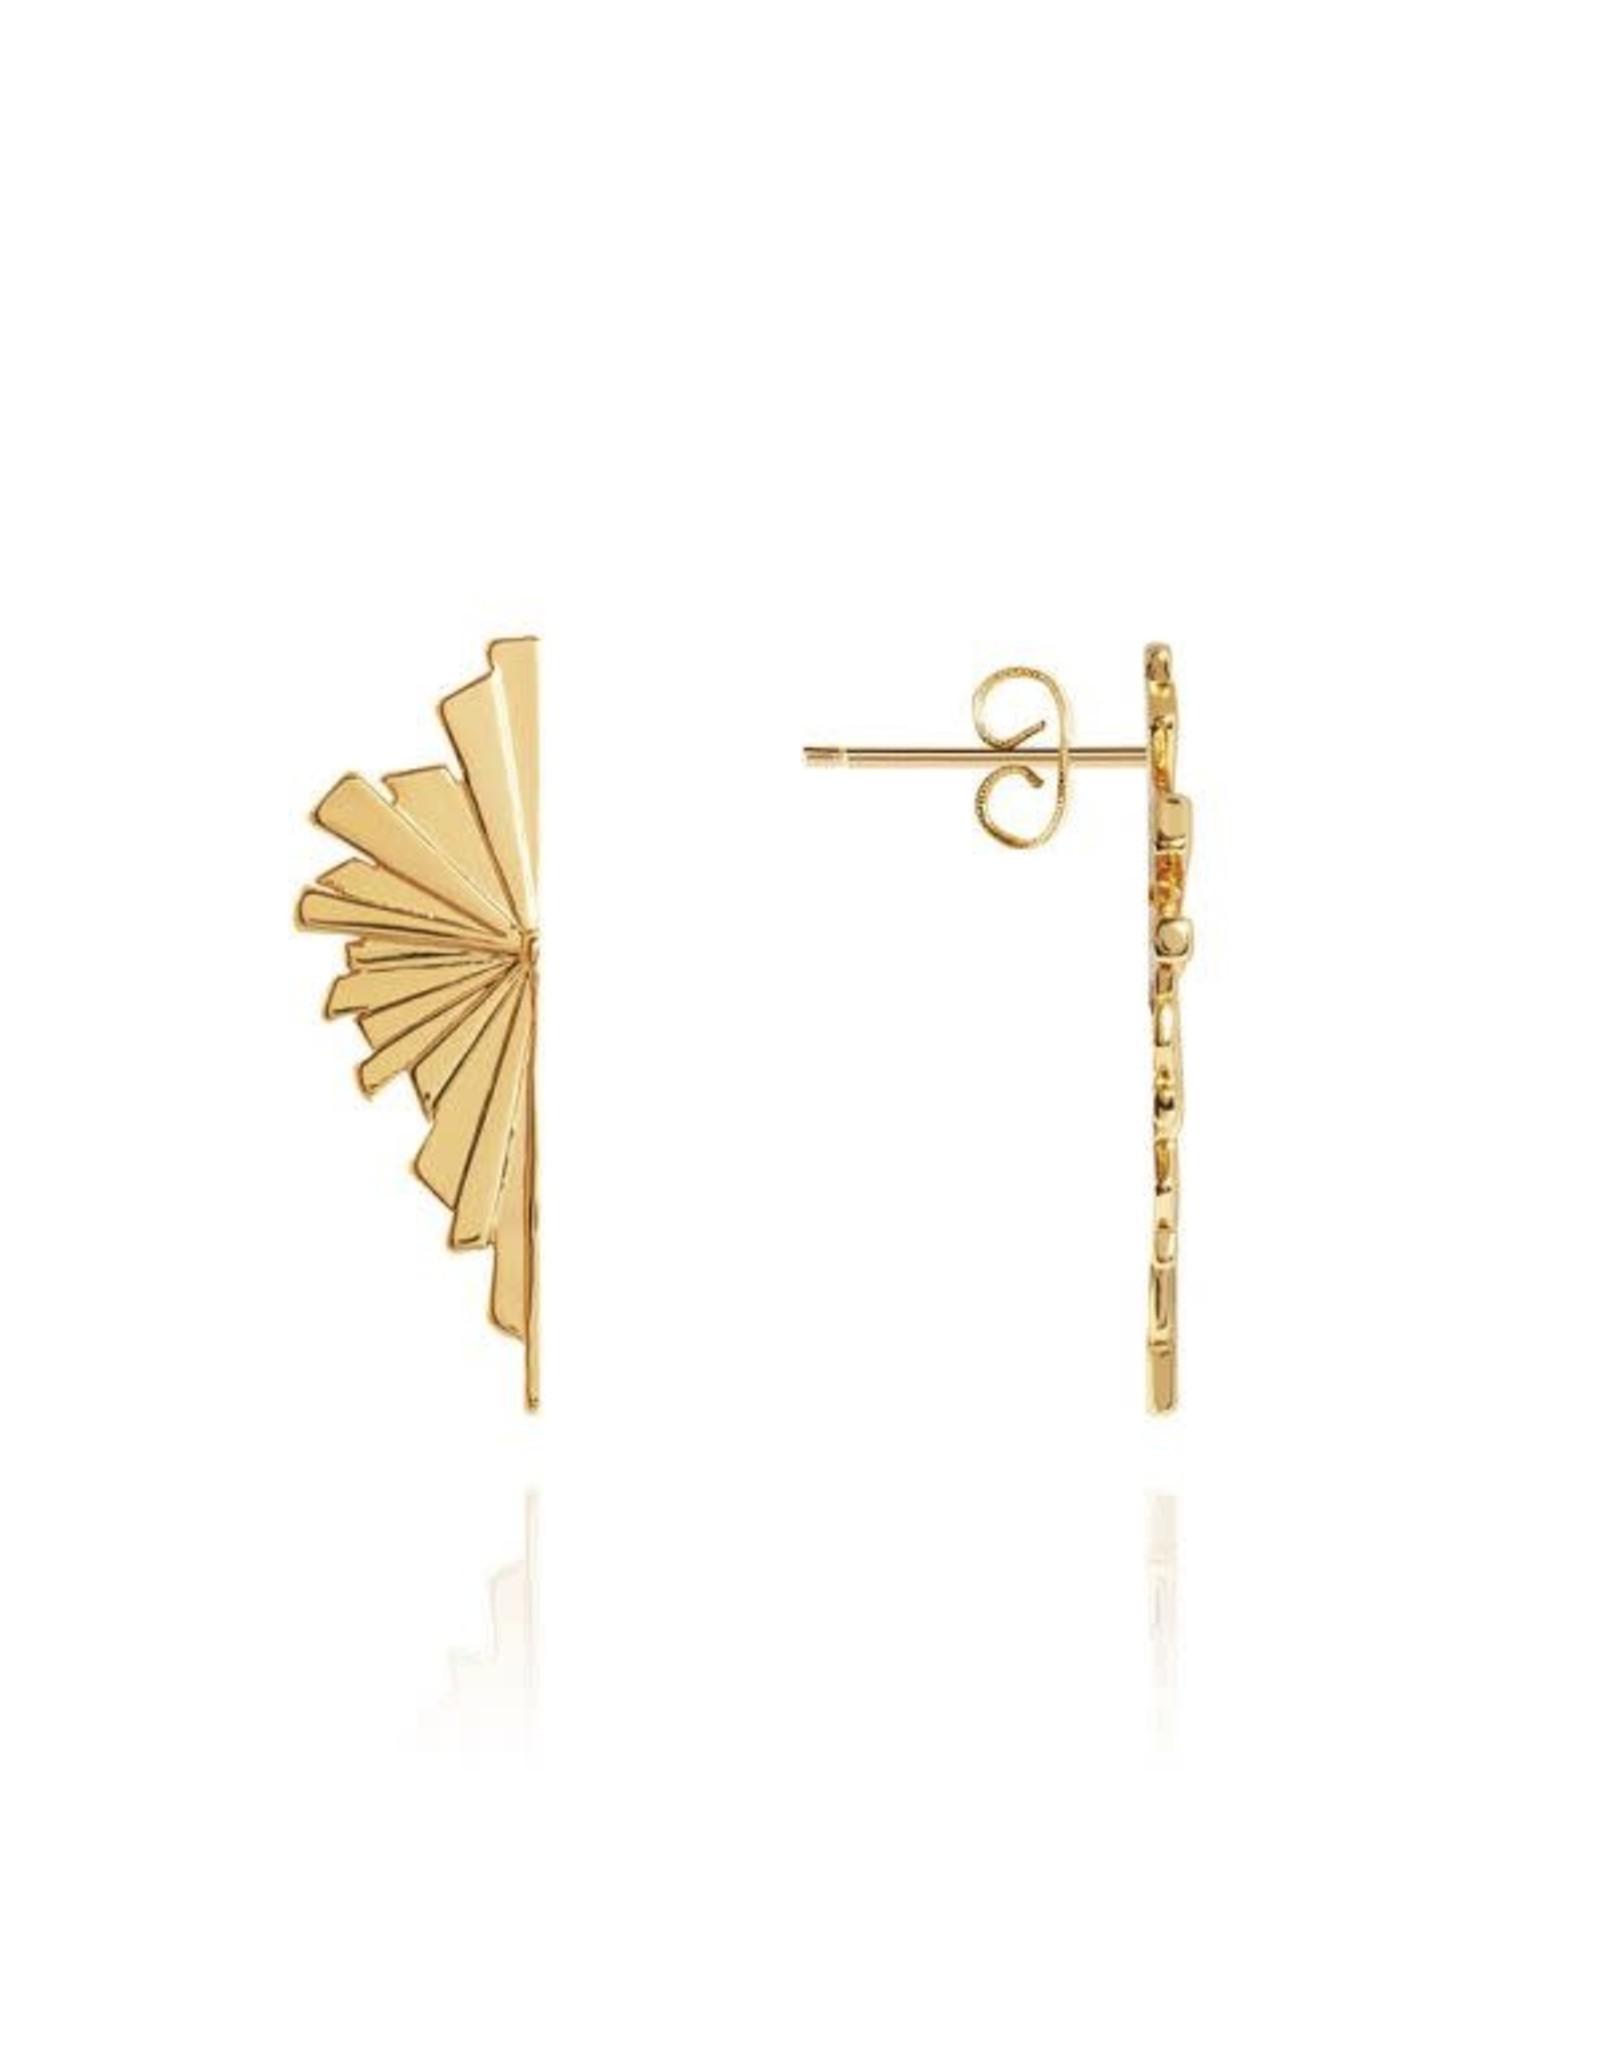 Katie Loxton Statement Studs -Golden Fan -Stud Earring